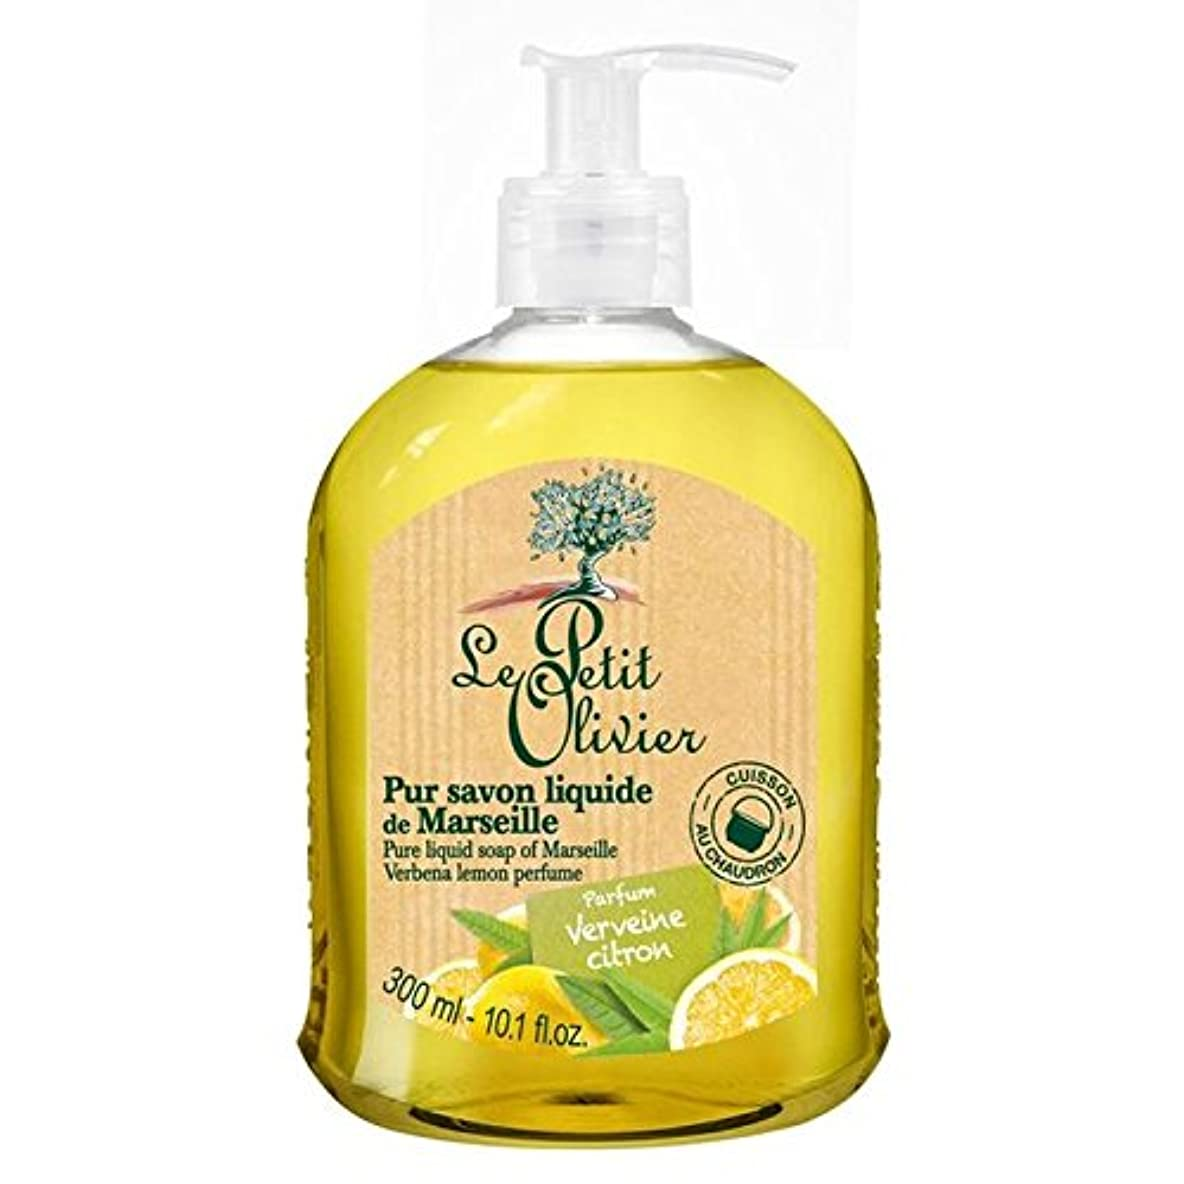 計算する集中的な年金マルセイユのル?プティ?オリヴィエ純粋な液体石鹸、バーベナレモン300ミリリットル x2 - Le Petit Olivier Pure Liquid Soap of Marseille, Verbena Lemon 300ml (Pack of 2) [並行輸入品]